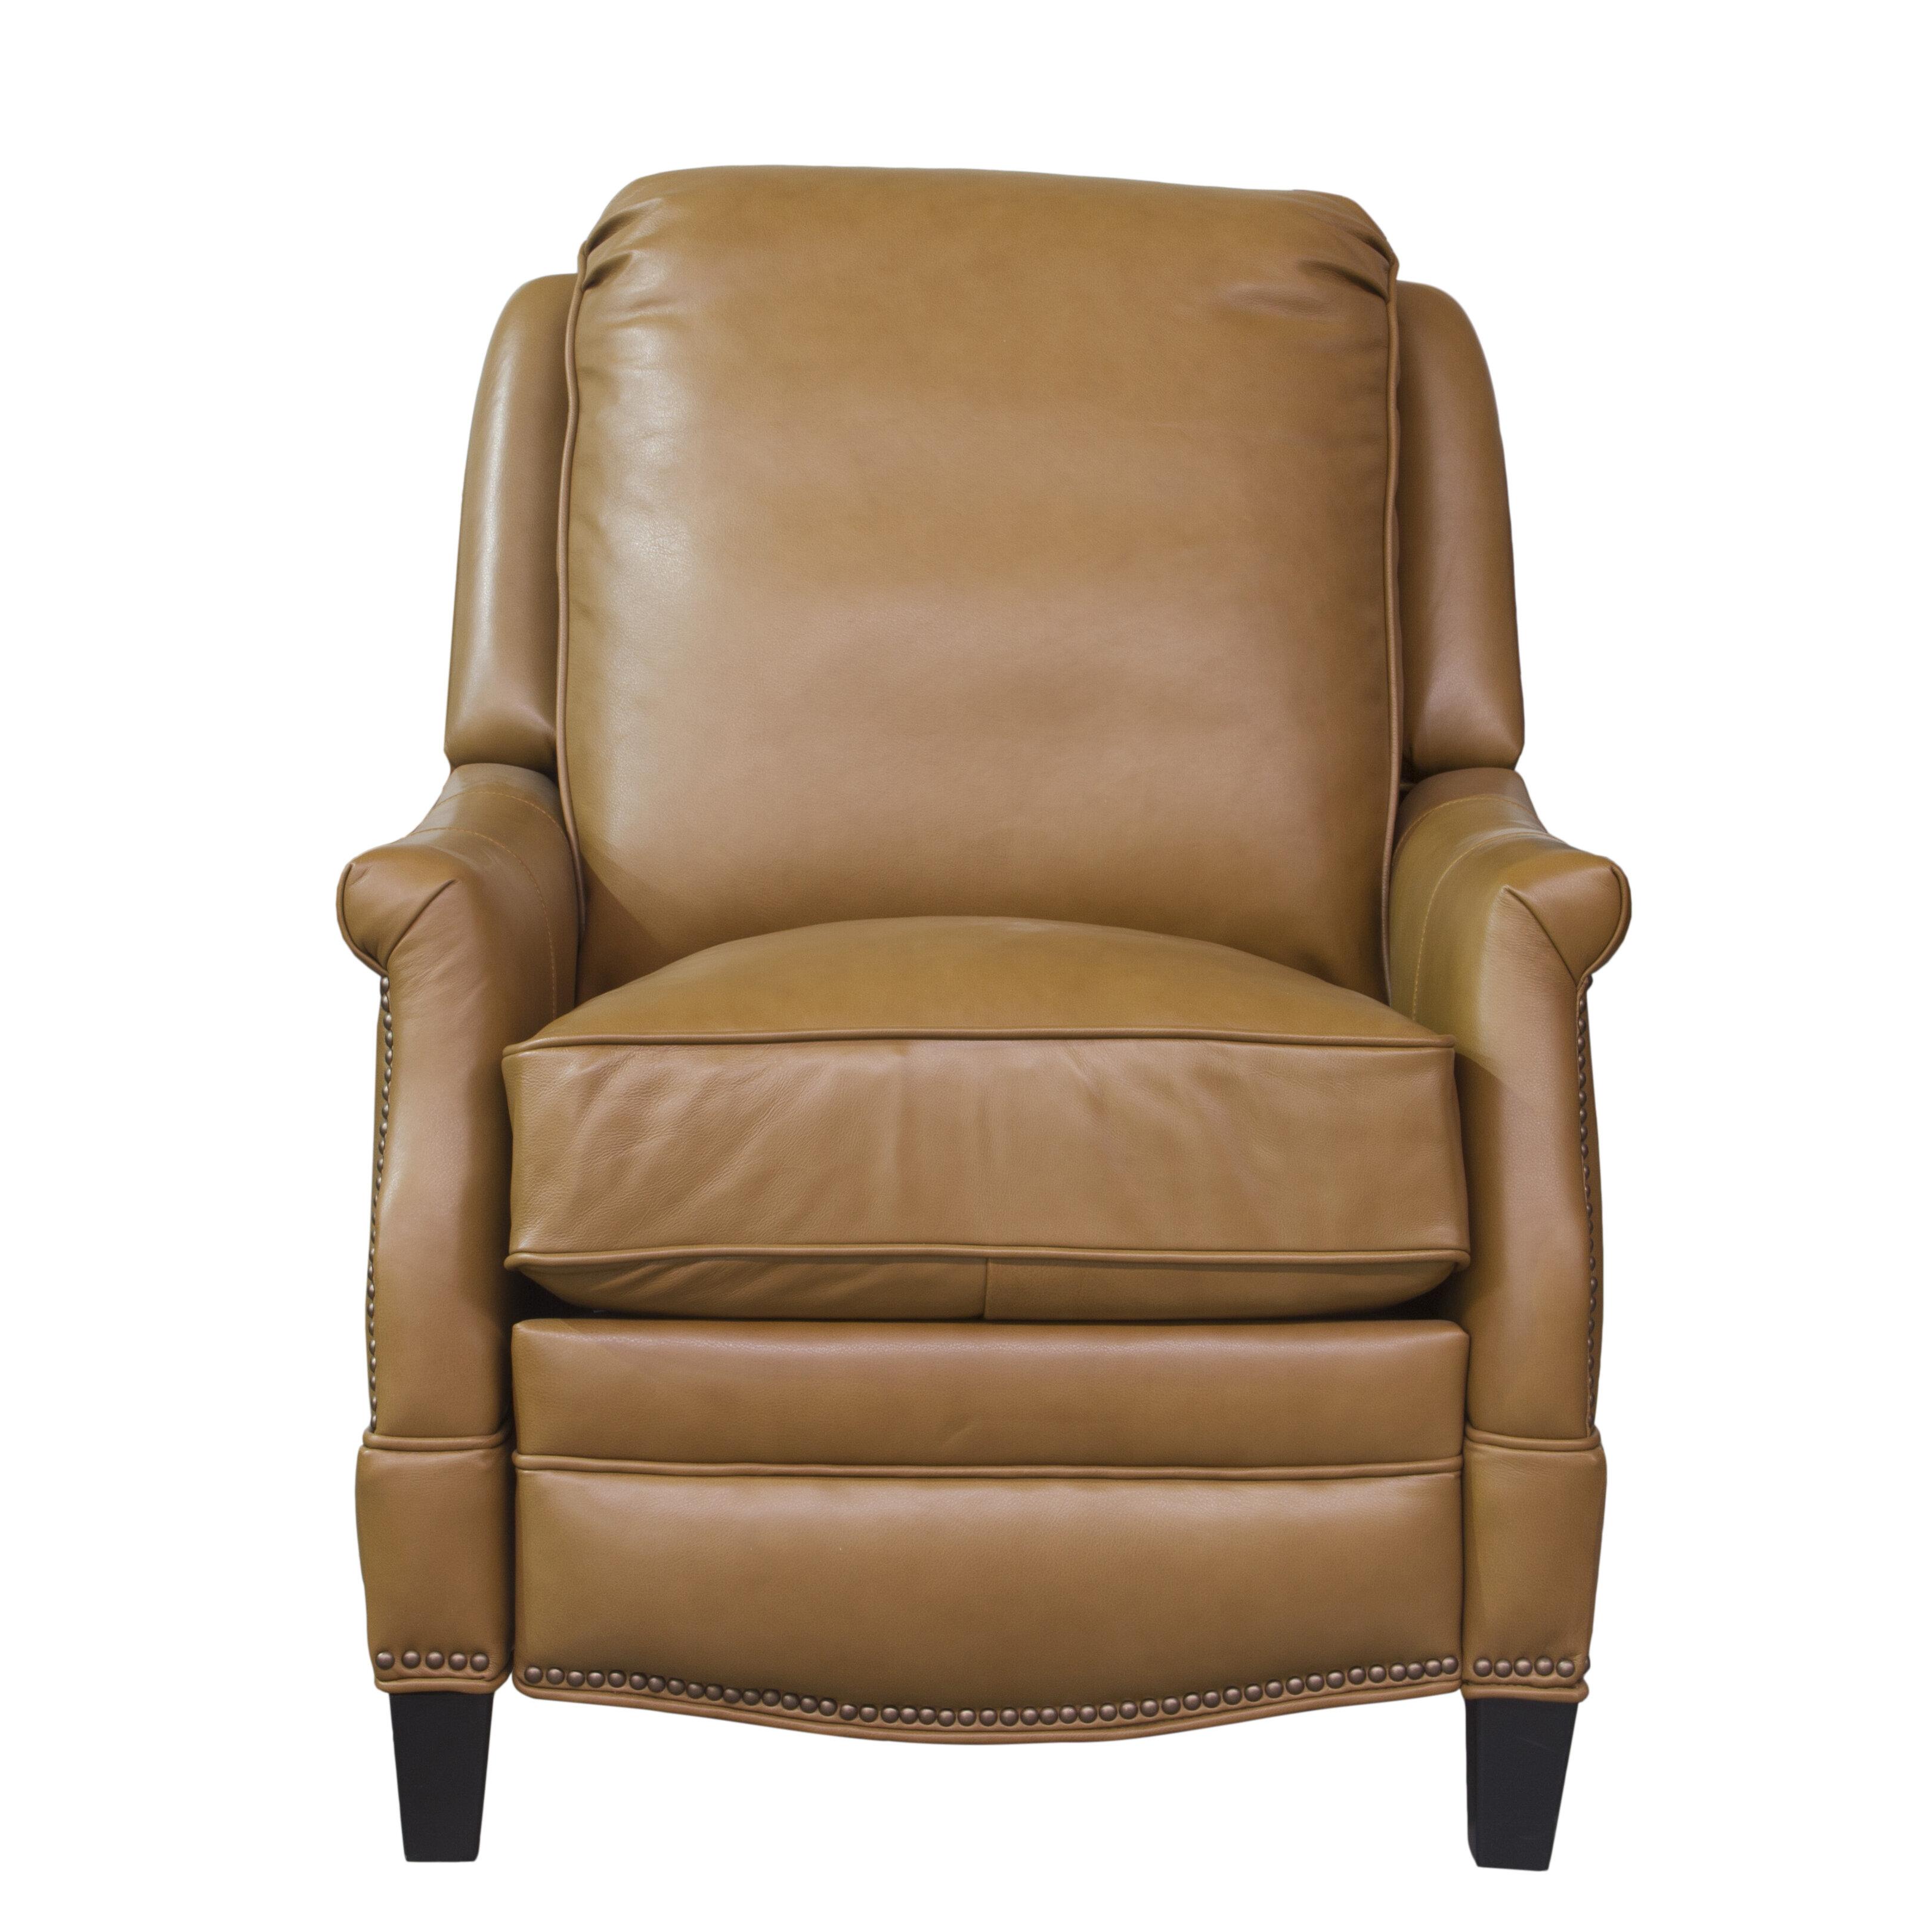 Barcalounger Ashebrooke Leather Manual Recliner U0026 Reviews   Wayfair